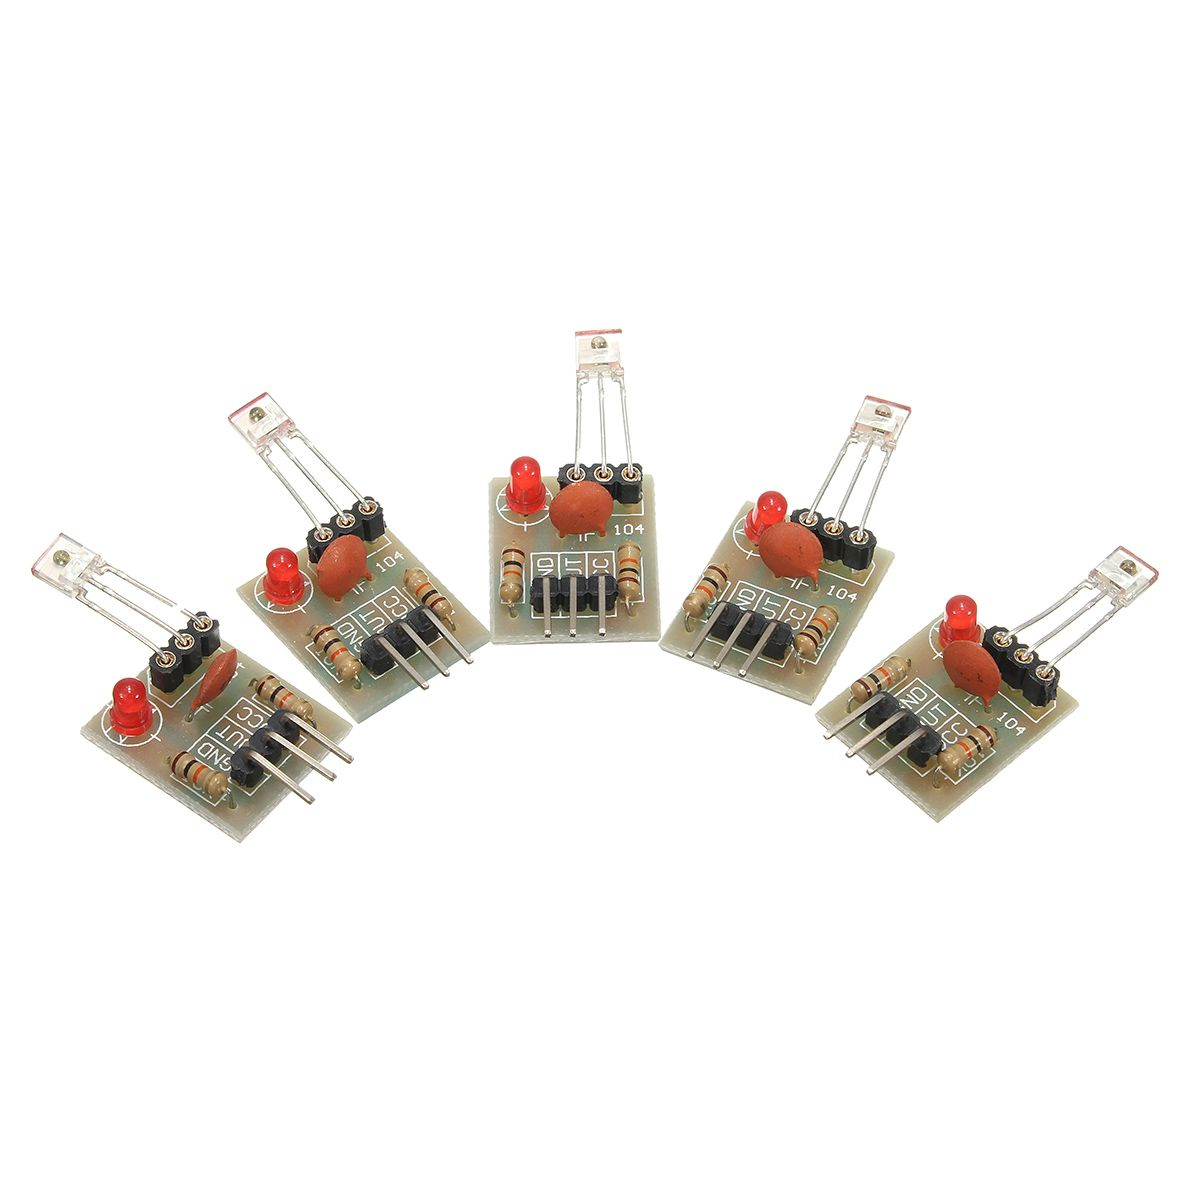 5pcs 5v high level laser receiver sensor module non modulator tube rh pinterest com